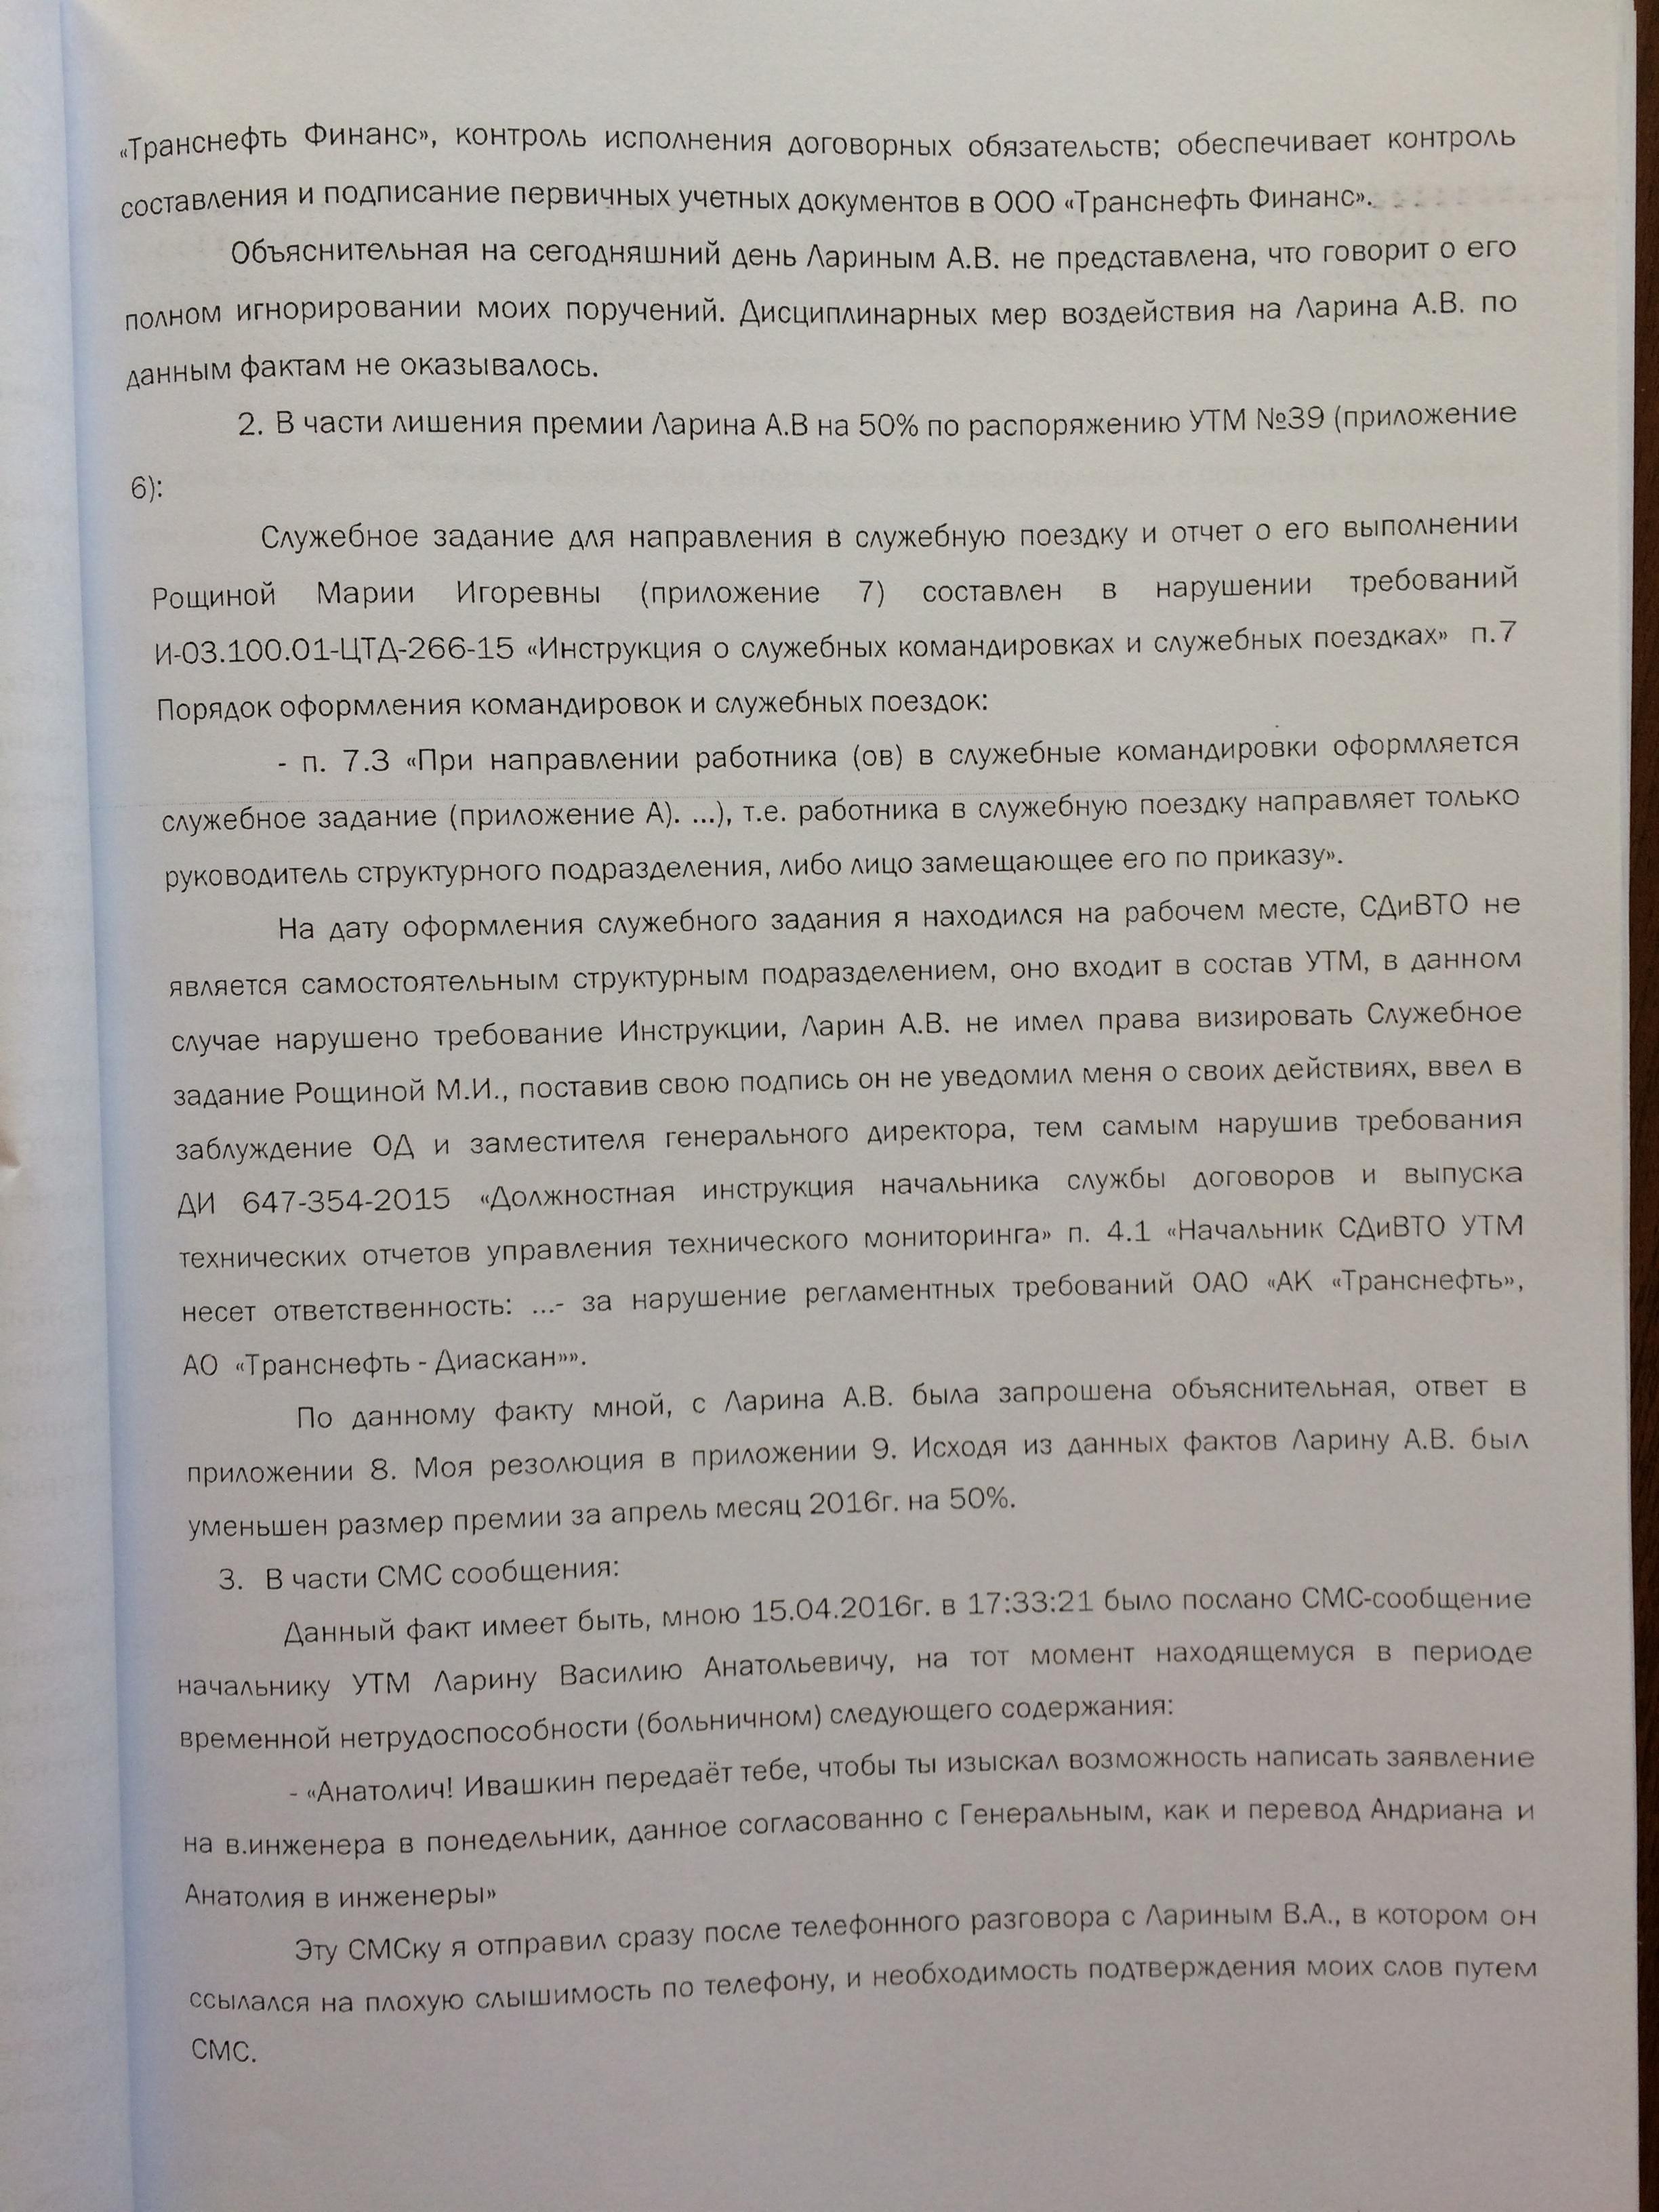 Фото документов проверки Луховицкой городской прокуратурой - 84 (5)